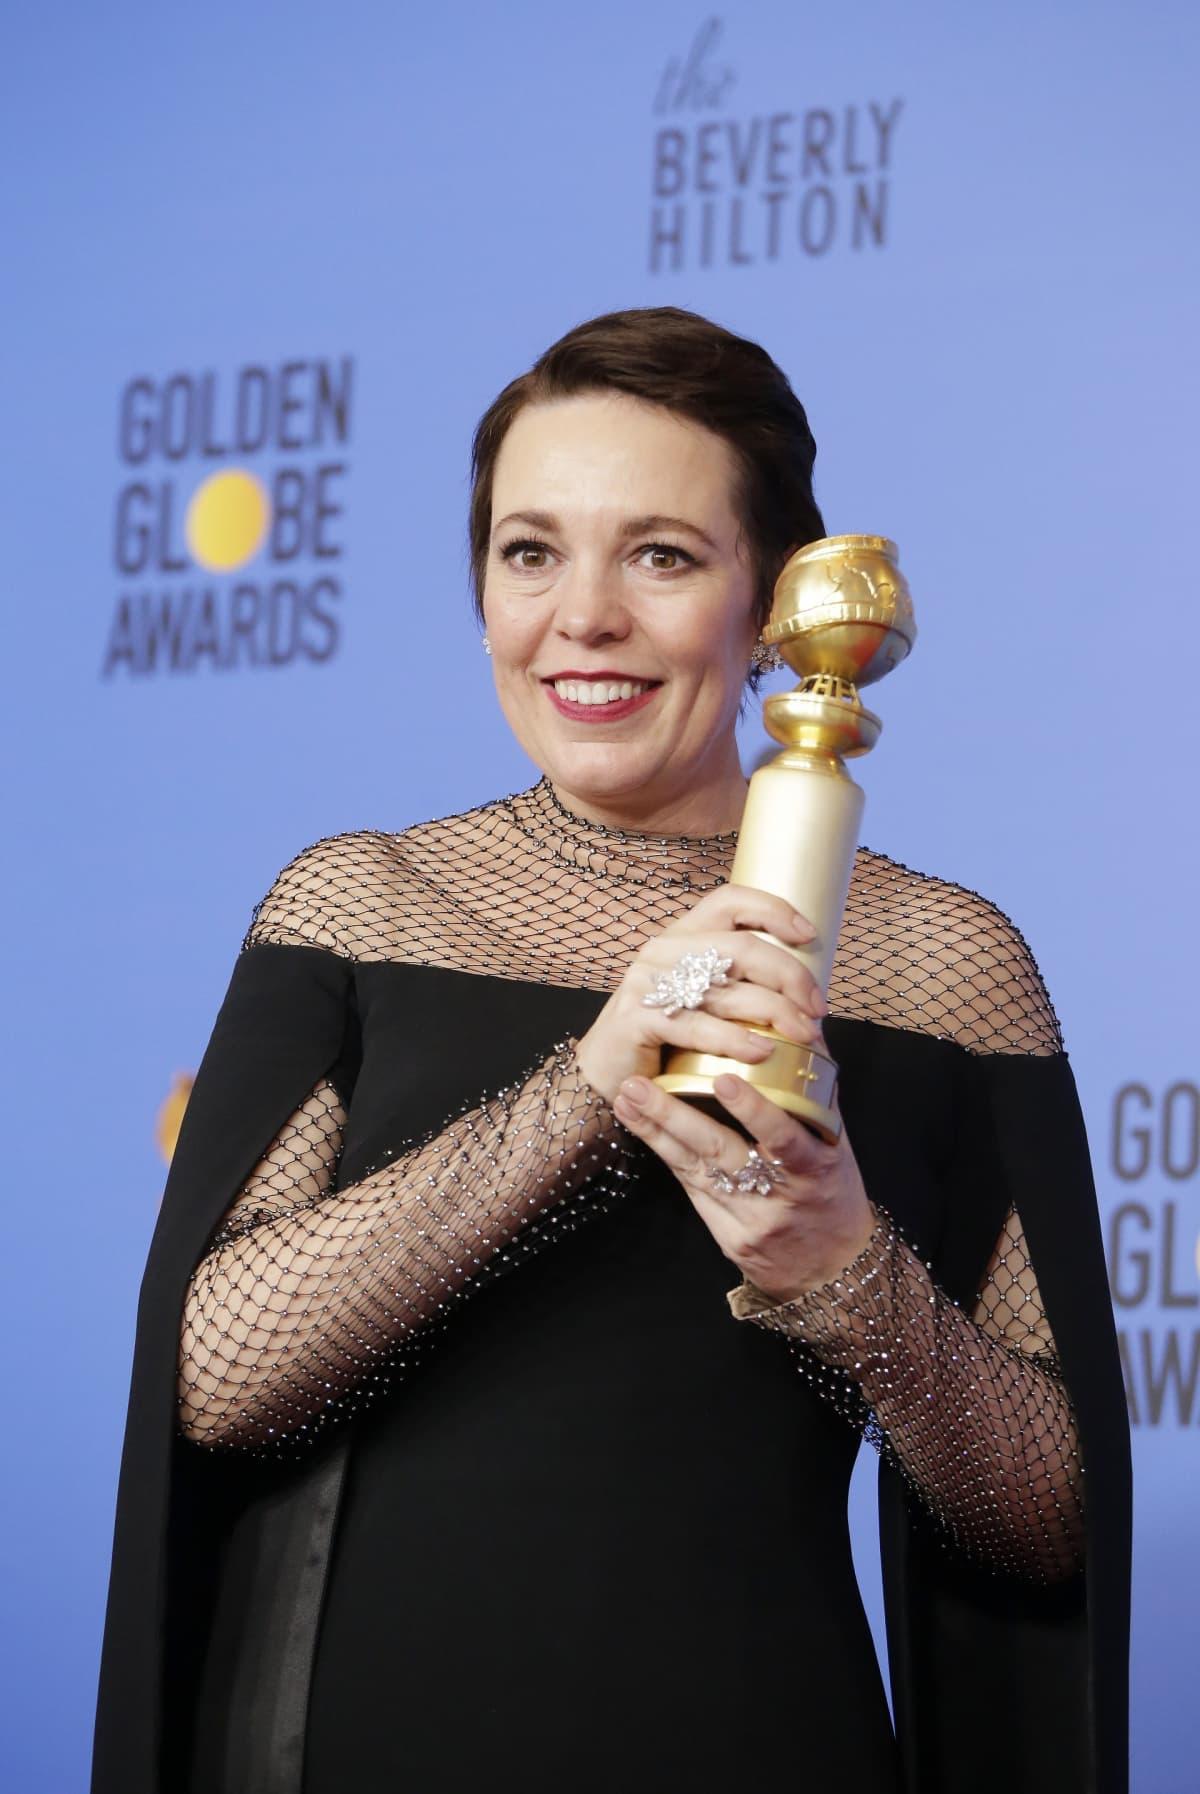 Olivia Colman poseeraa The Favorite elokuvastaan saamansa parhaan naispääosan palkintonsa kanssa.